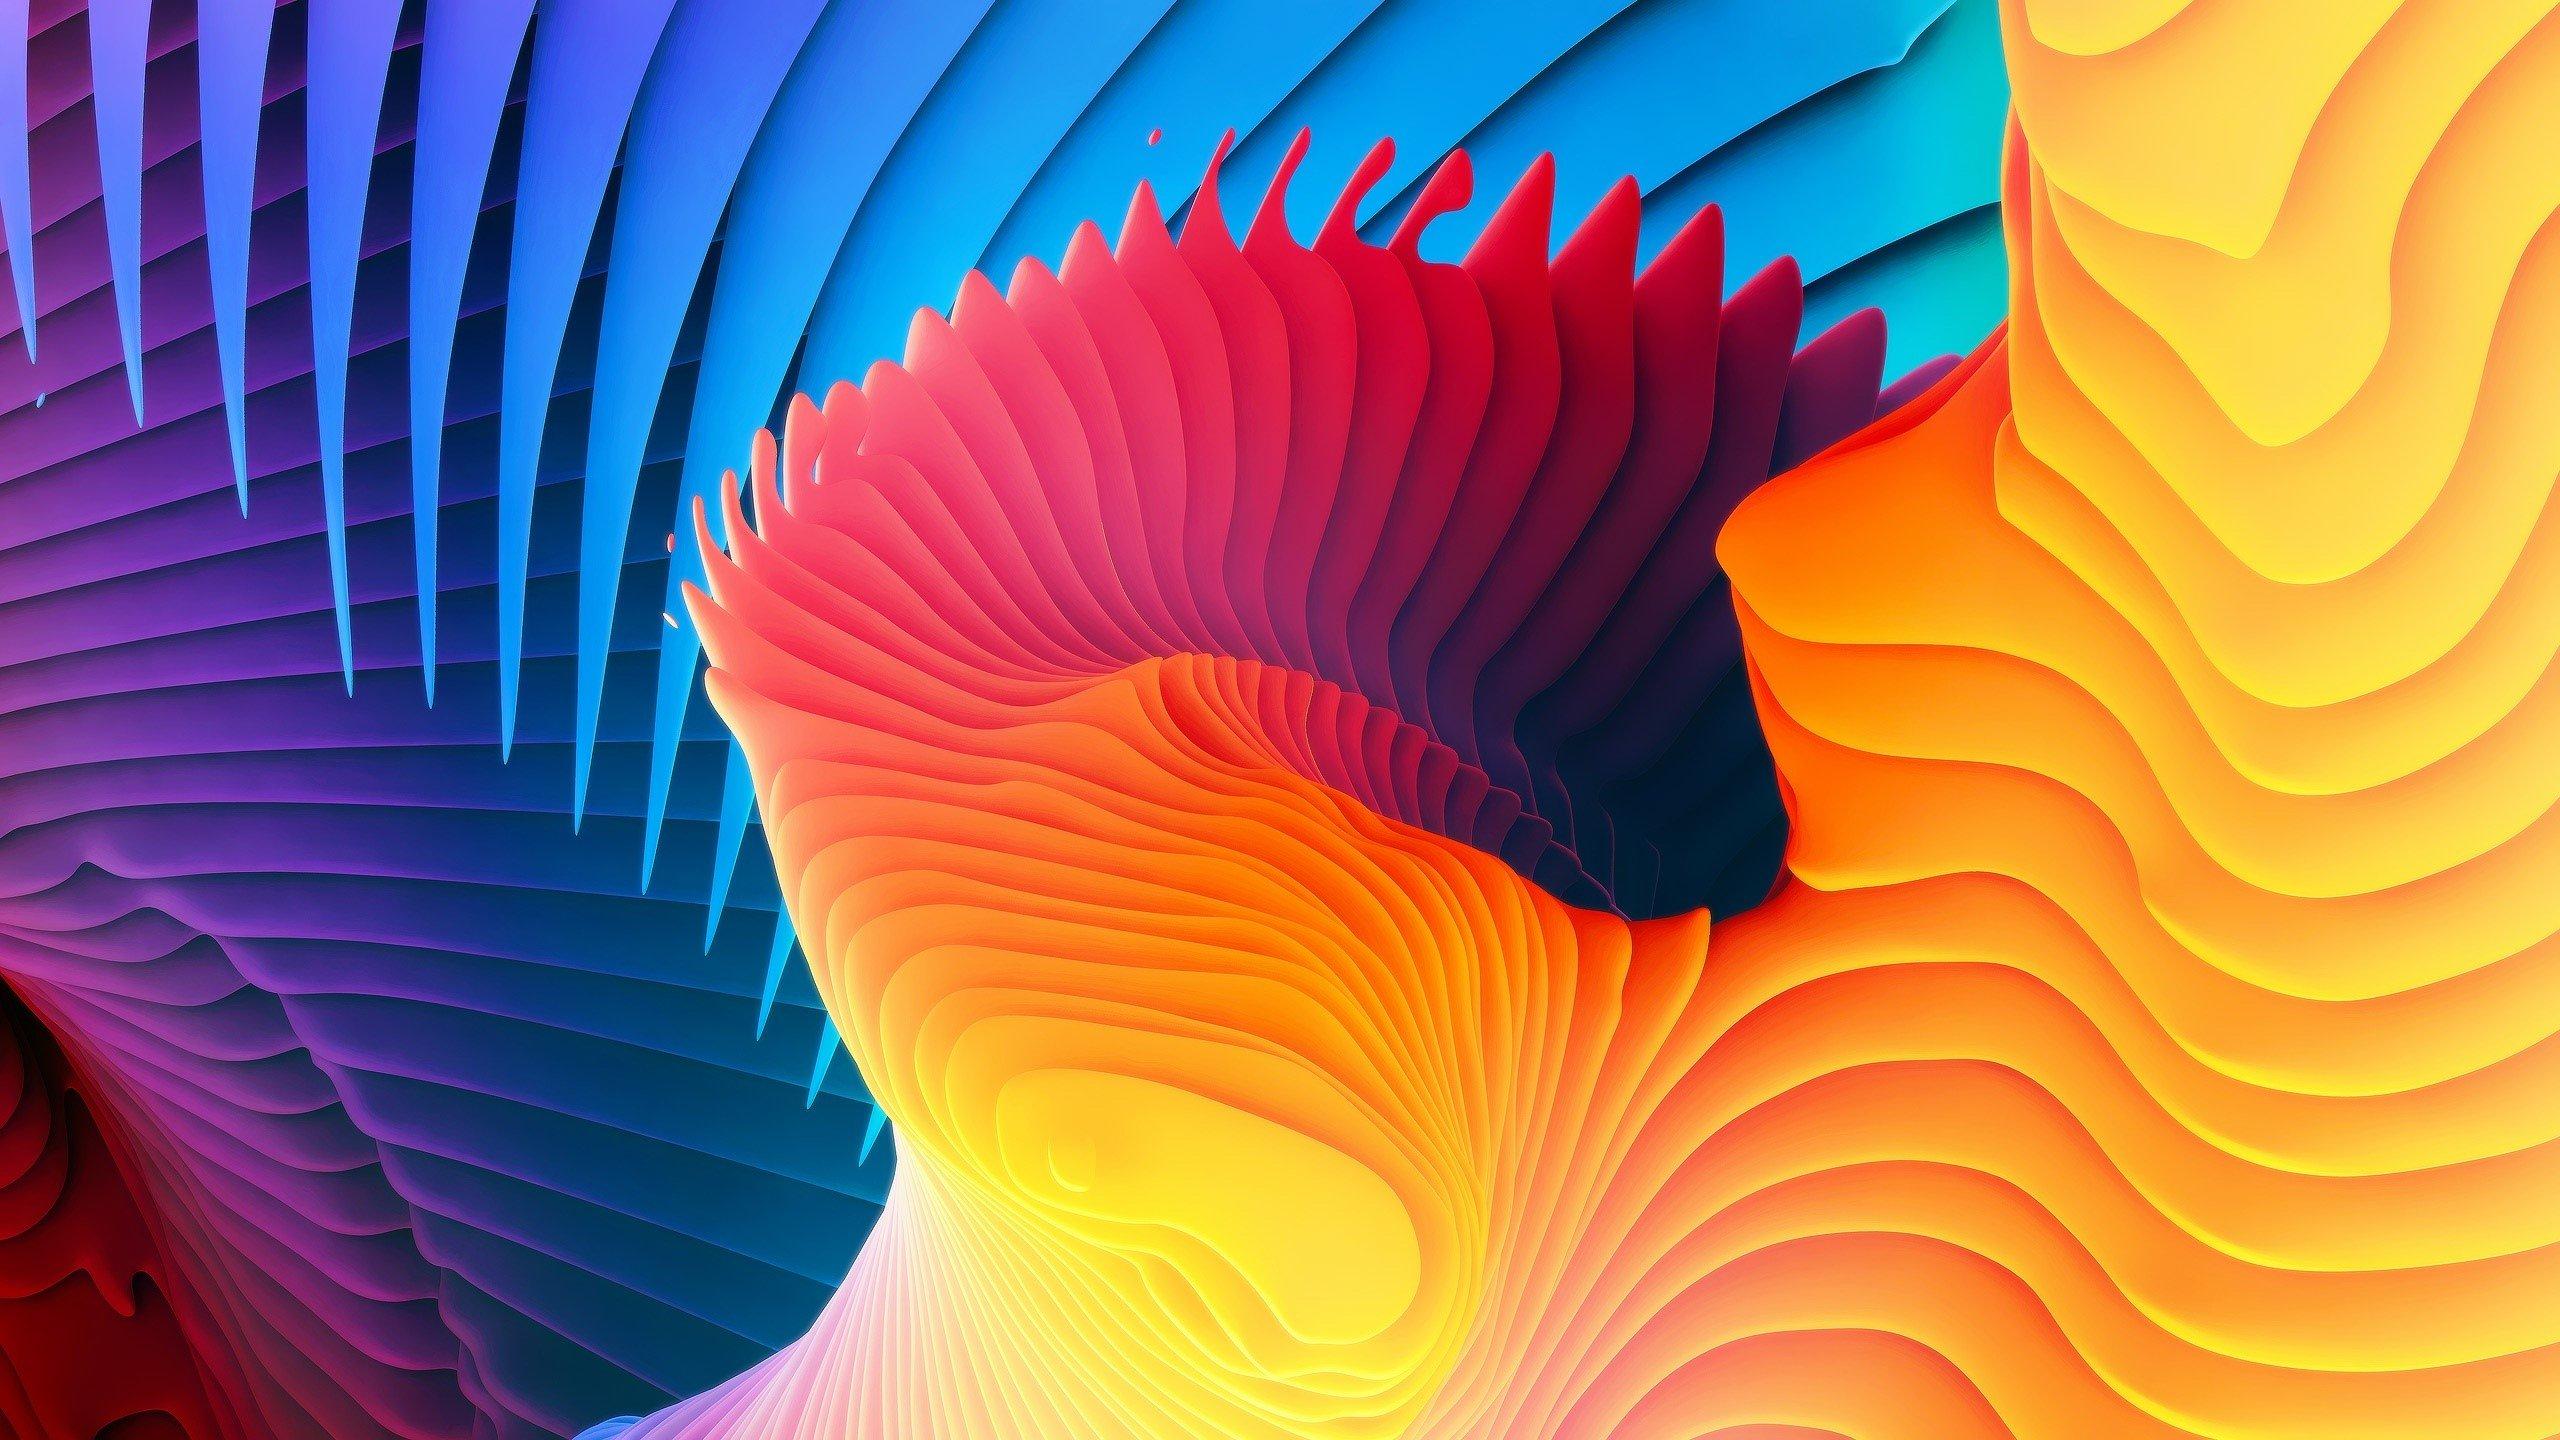 Fondo de pantalla de Espirales de colores Imágenes